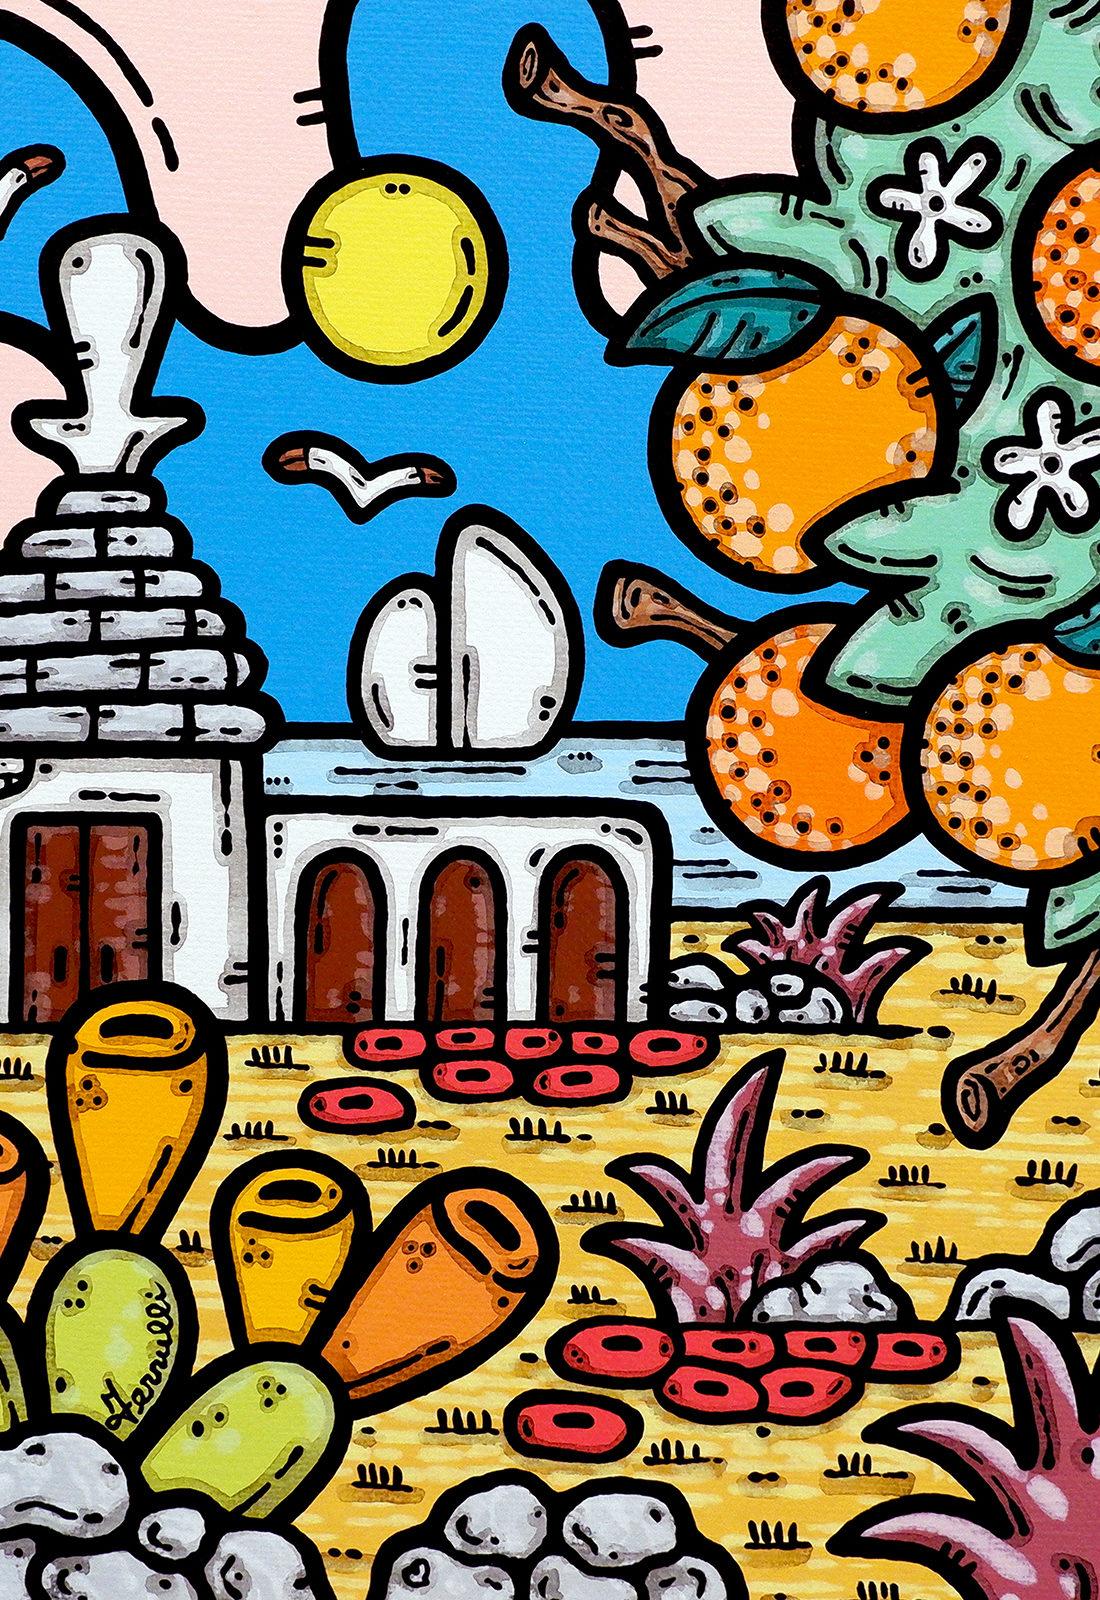 acrilico su tela, dipinto, opera d'arte, contornismo metafisico, art, francesco ferrulli, pittore, italiano, artista, italian artist, arte contemporanea, quadro, colori, paesaggio pugliese, trullo, arance, arancio in fiore, mare, colori.